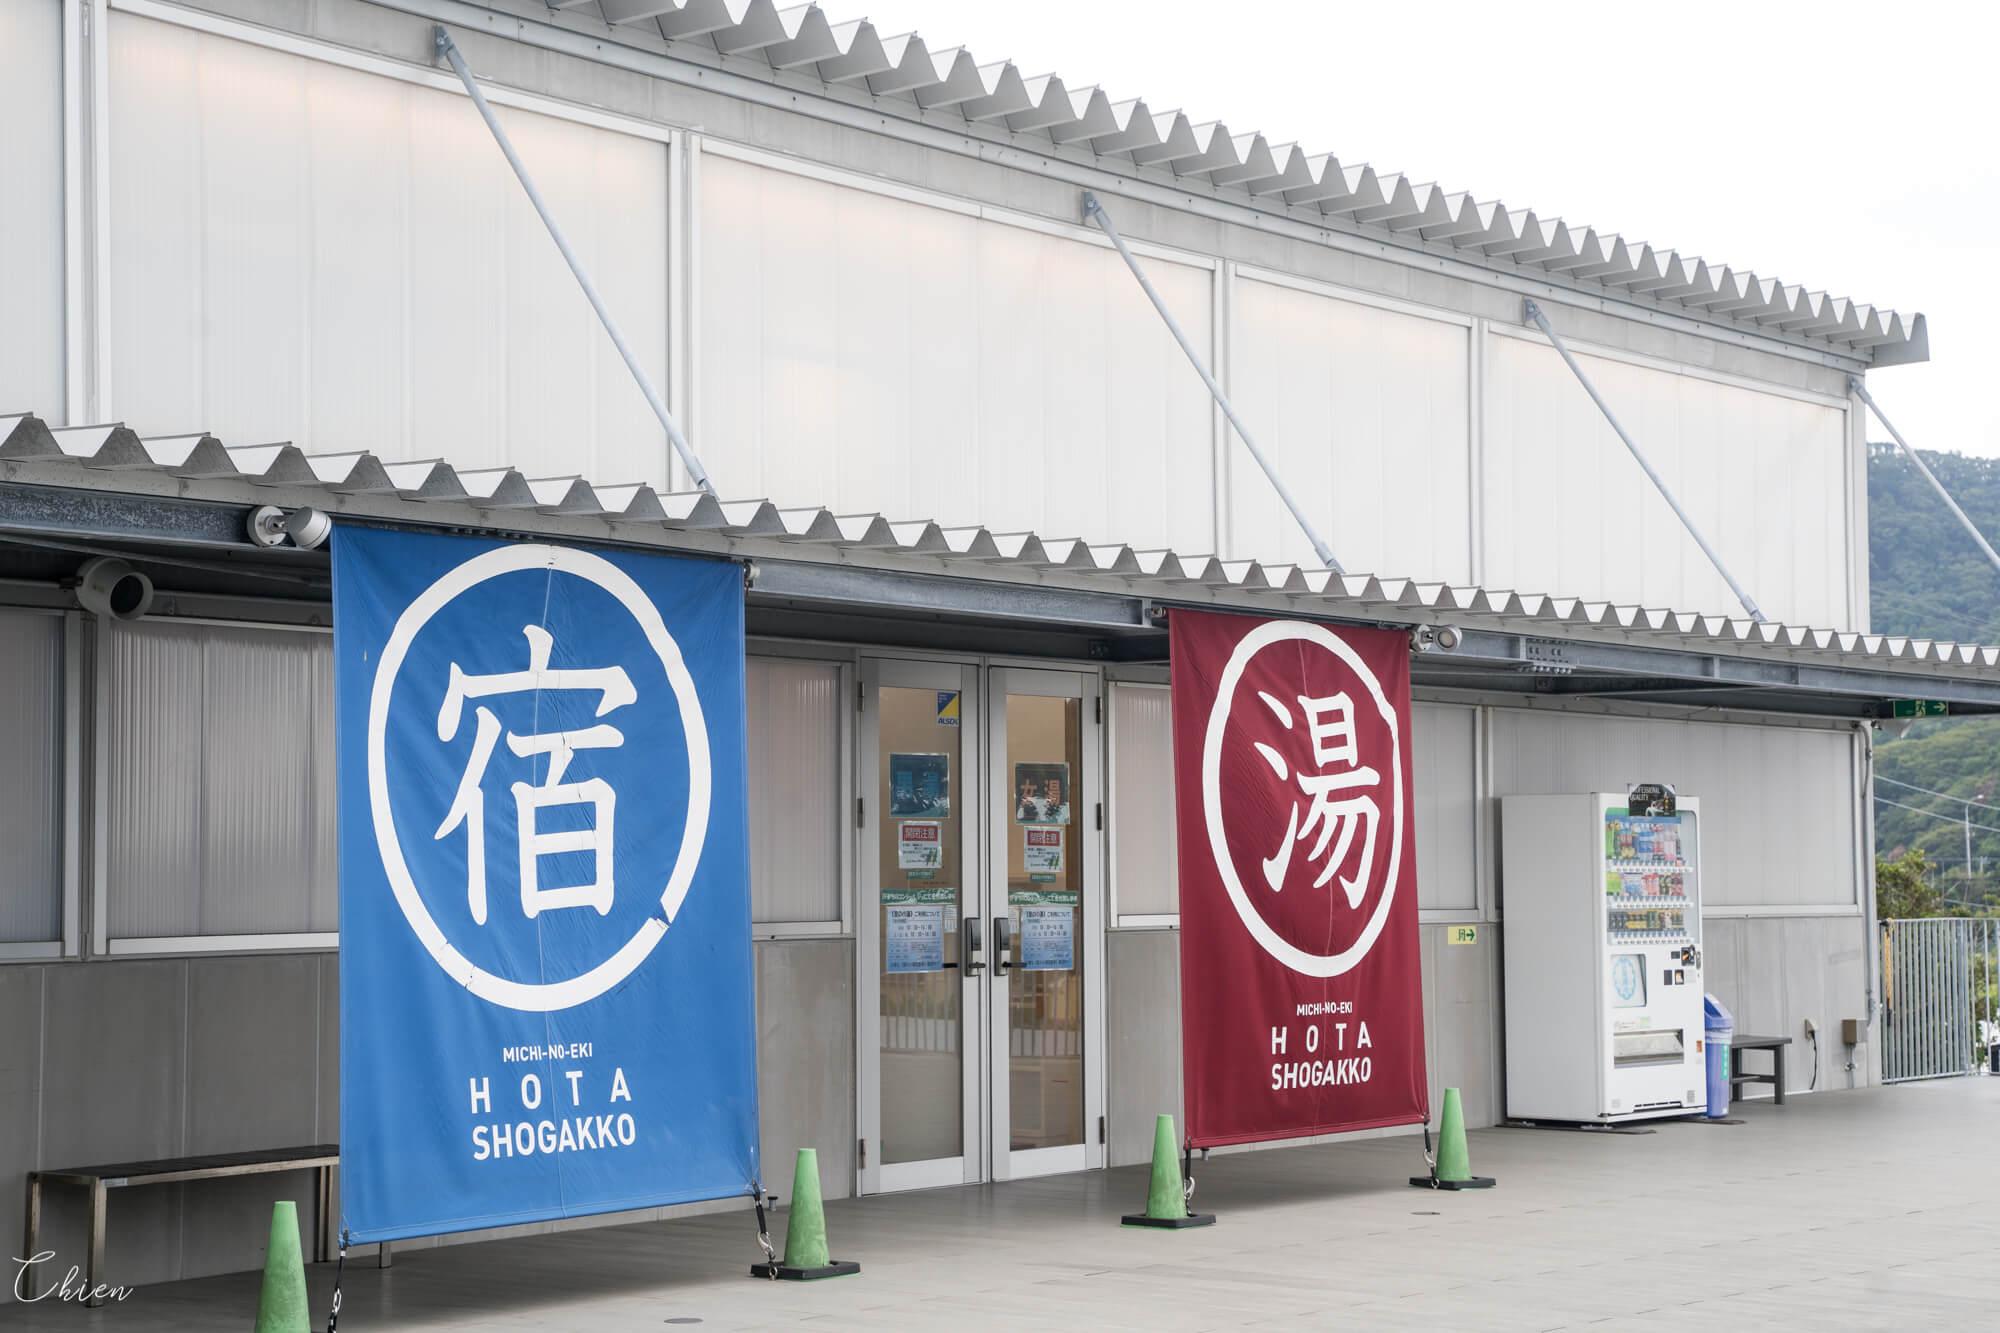 千葉觀光休息站「保田小學」住宿泡湯